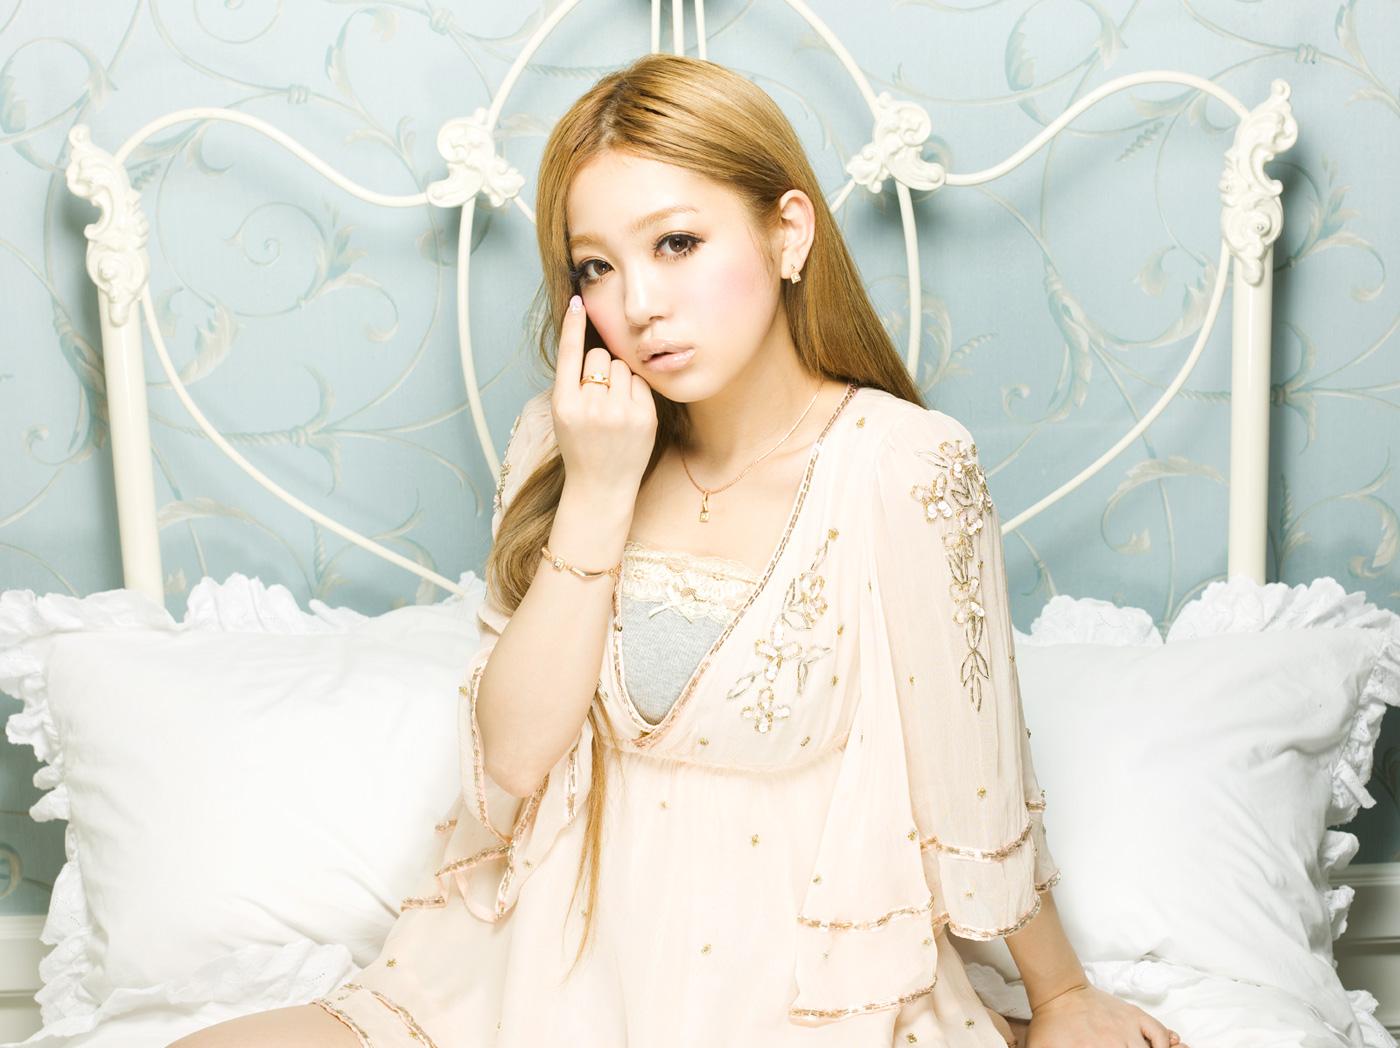 kana kawaii nishino 5e - photo #27